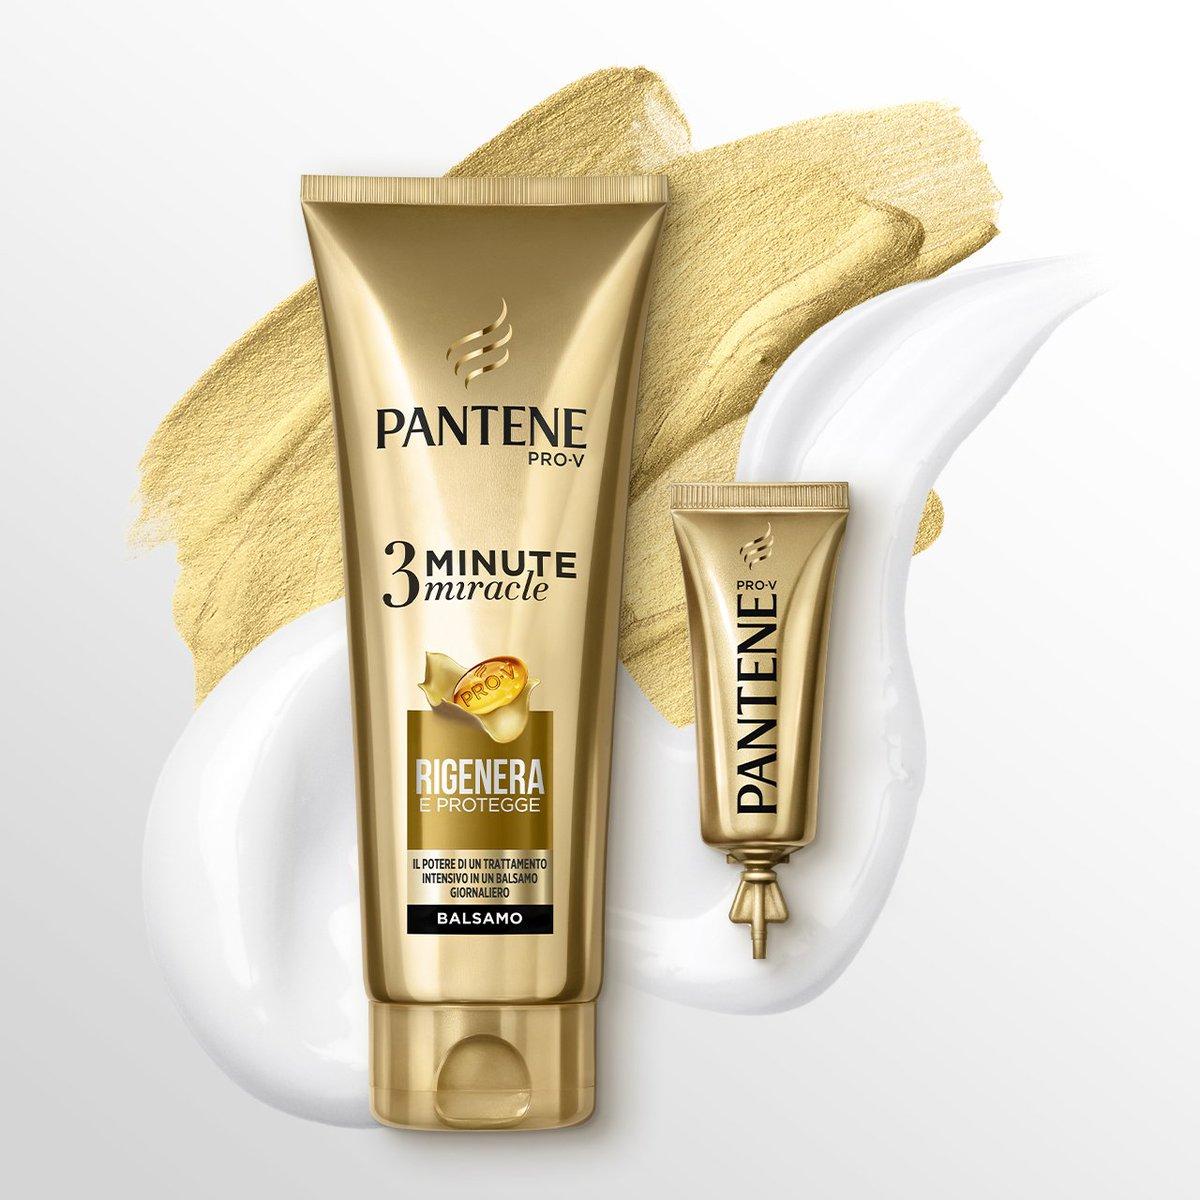 I tuoi capelli hanno bisogno di nutrimento? Aggiungi i balsami oro #Pantene alla tua Beauty Routine per poter esclamare #OhMyGold!  #3MinuteMiracle, perfetto ogni giorno per i capelli crespi #1MinuteMiracle la Maschera più intensiva per #SoSHair  #29aprile https://t.co/JUWjmoi6yM